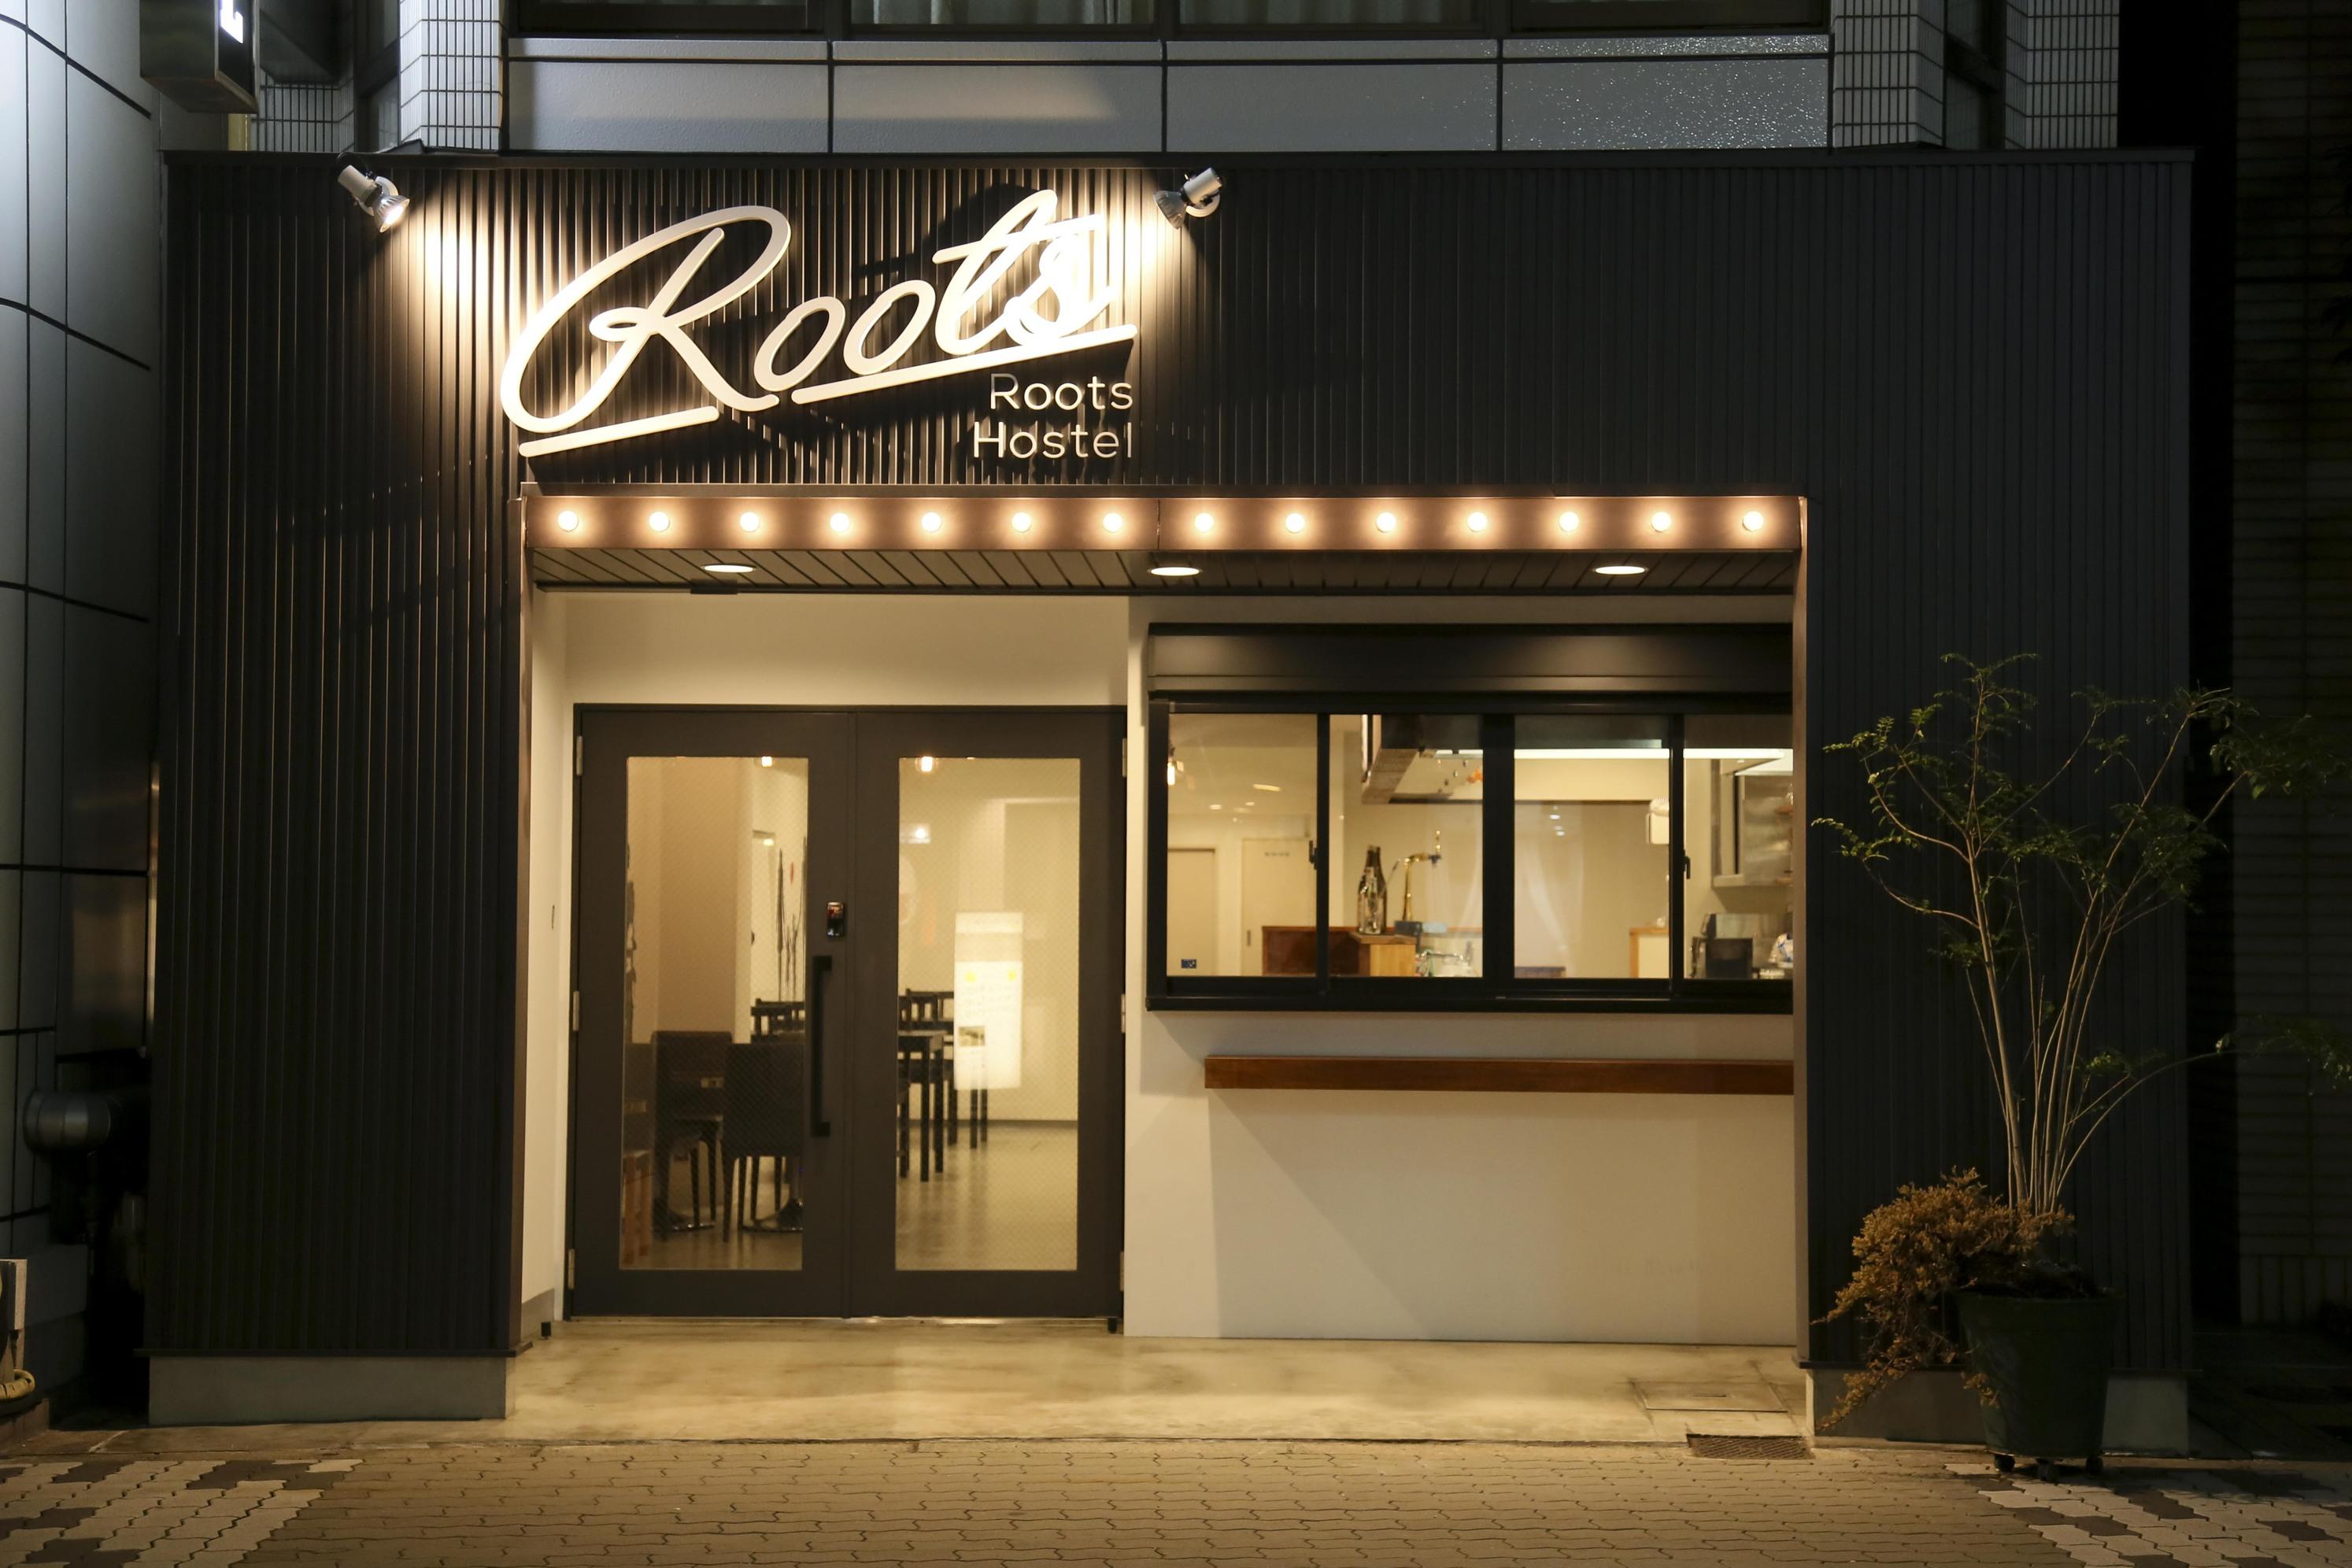 Roots Hostel(ルーツホステル)